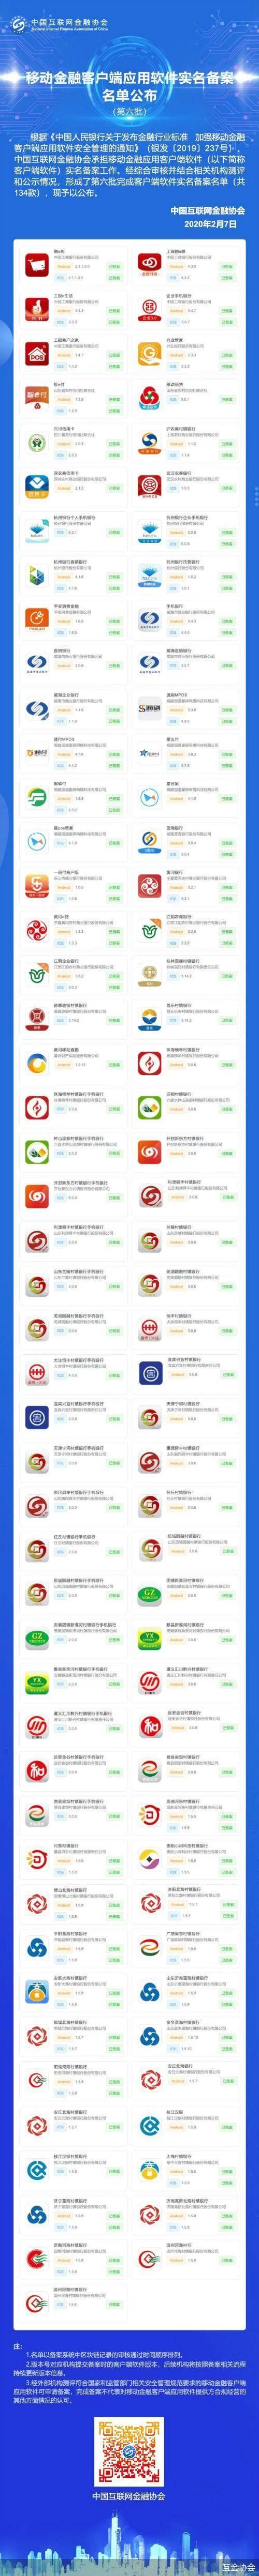 中国互金协会公布第六批134款移动金融App备案名单